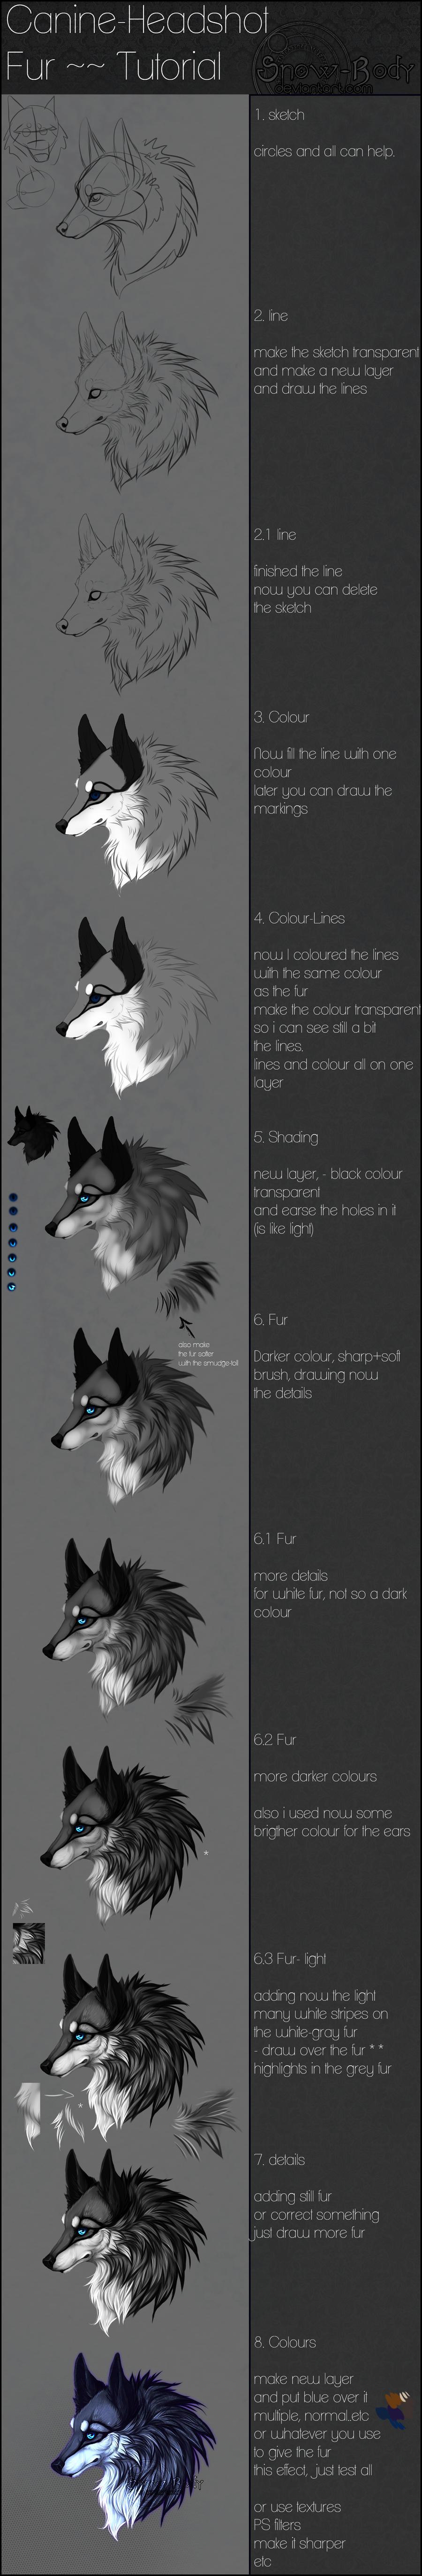 Snow-Body's: Fur-Tutorial by Snow-Body